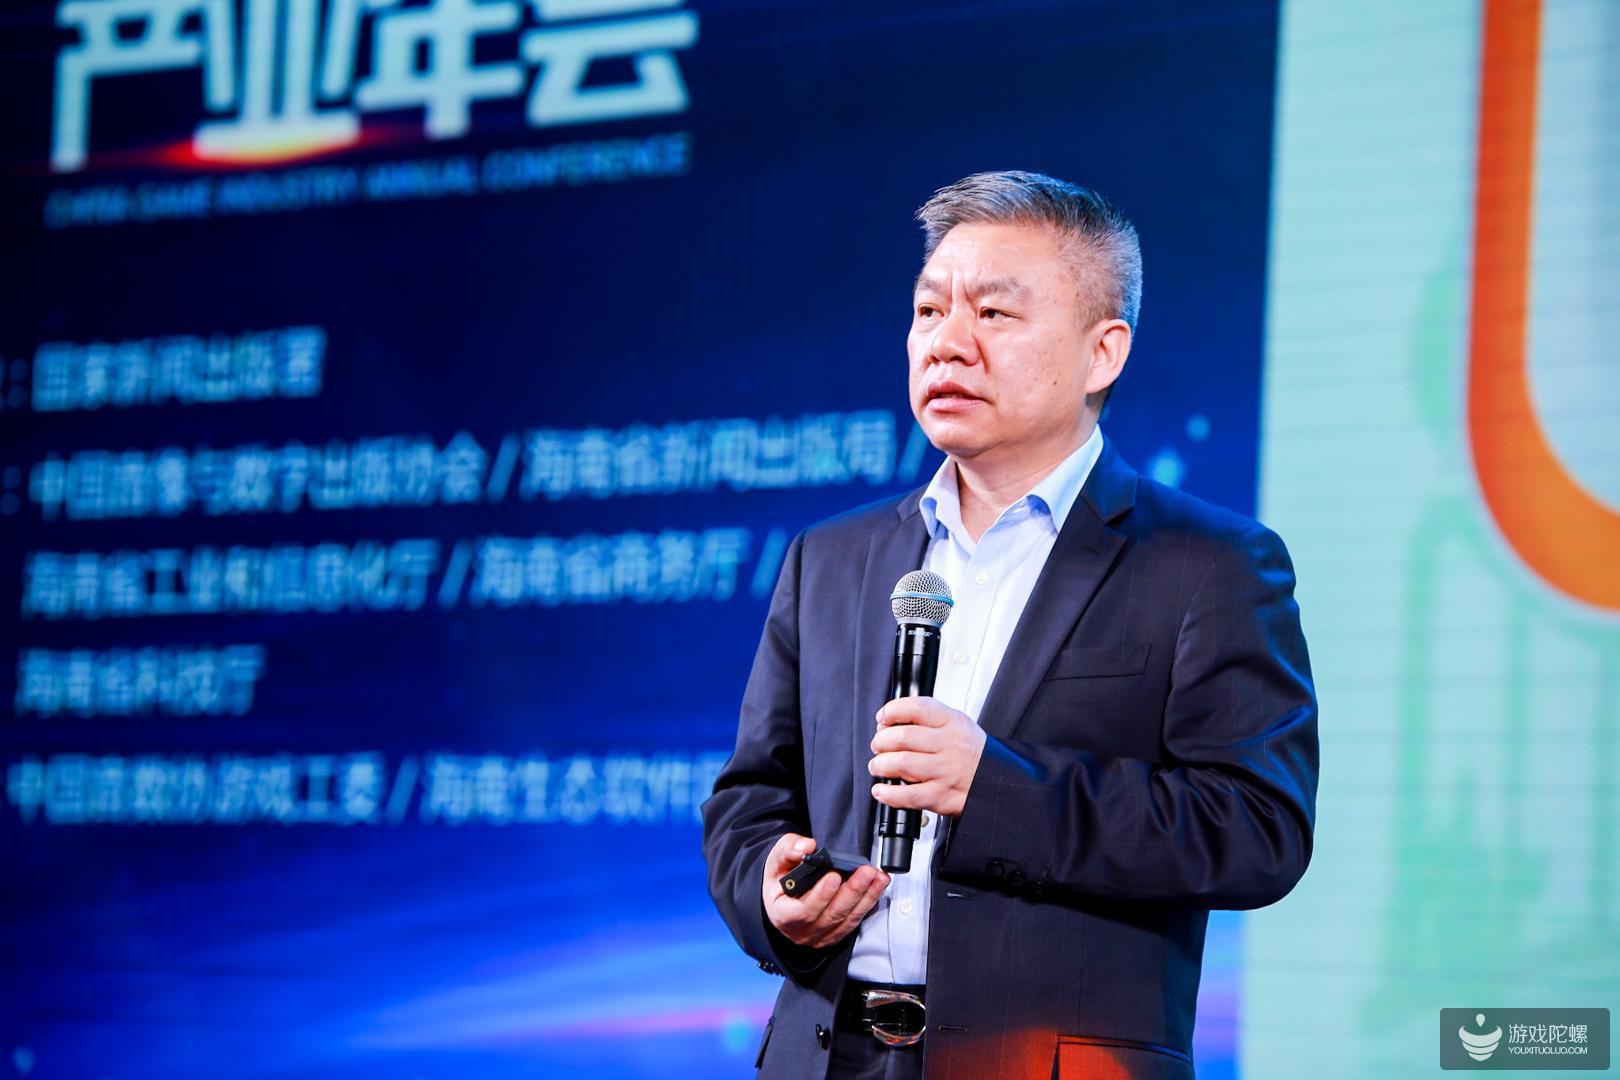 海南生态软件园总经理杨淳至:发展数字贸易、数字经济是海南未来的方向